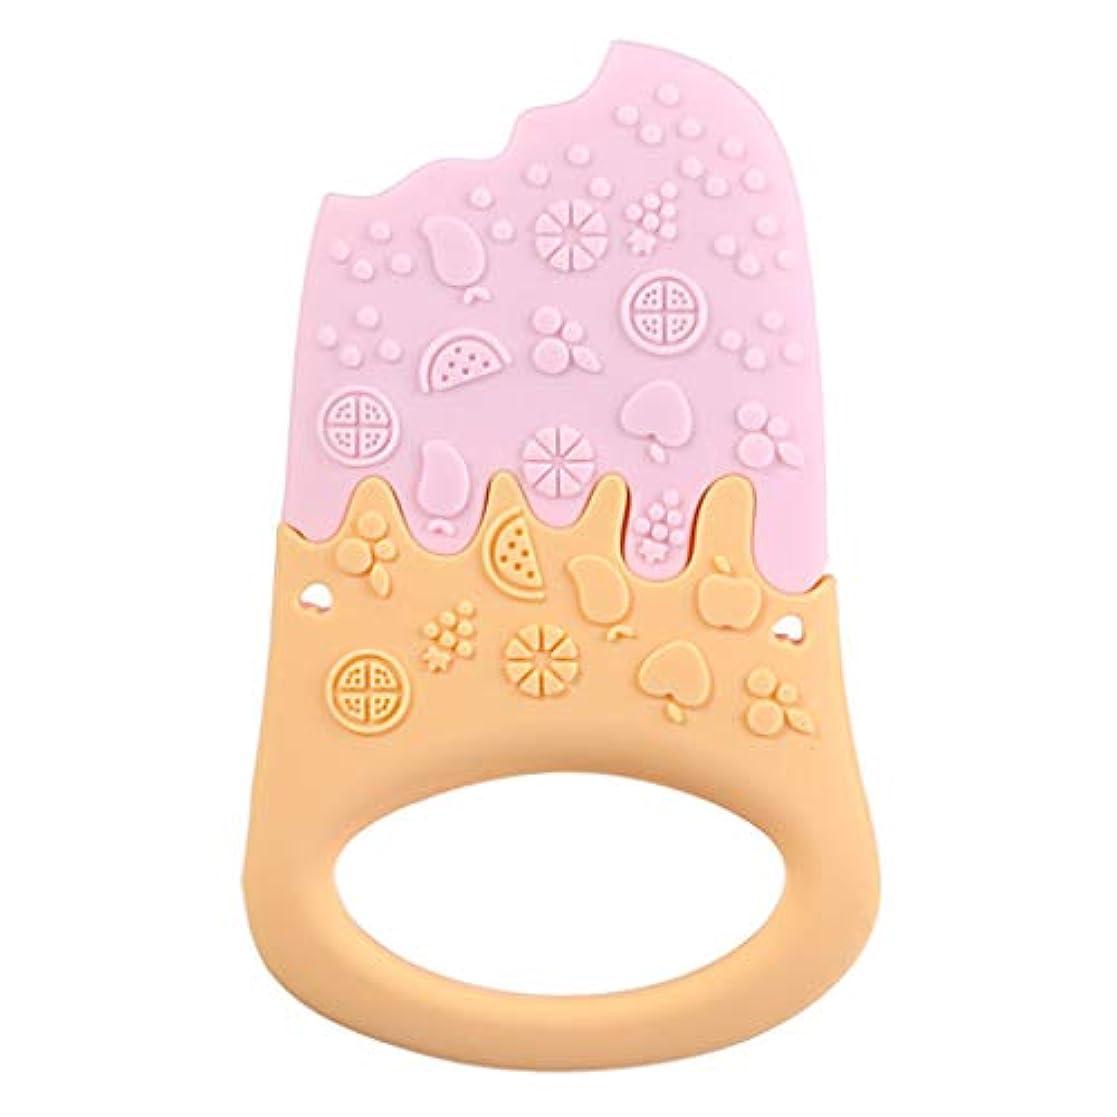 極めてヒューバートハドソンピニオンLanddumシリコーンティーザーアイスクリームティーザー赤ちゃん看護玩具かむ玩具歯が生えるガラガラおもちゃ - 青